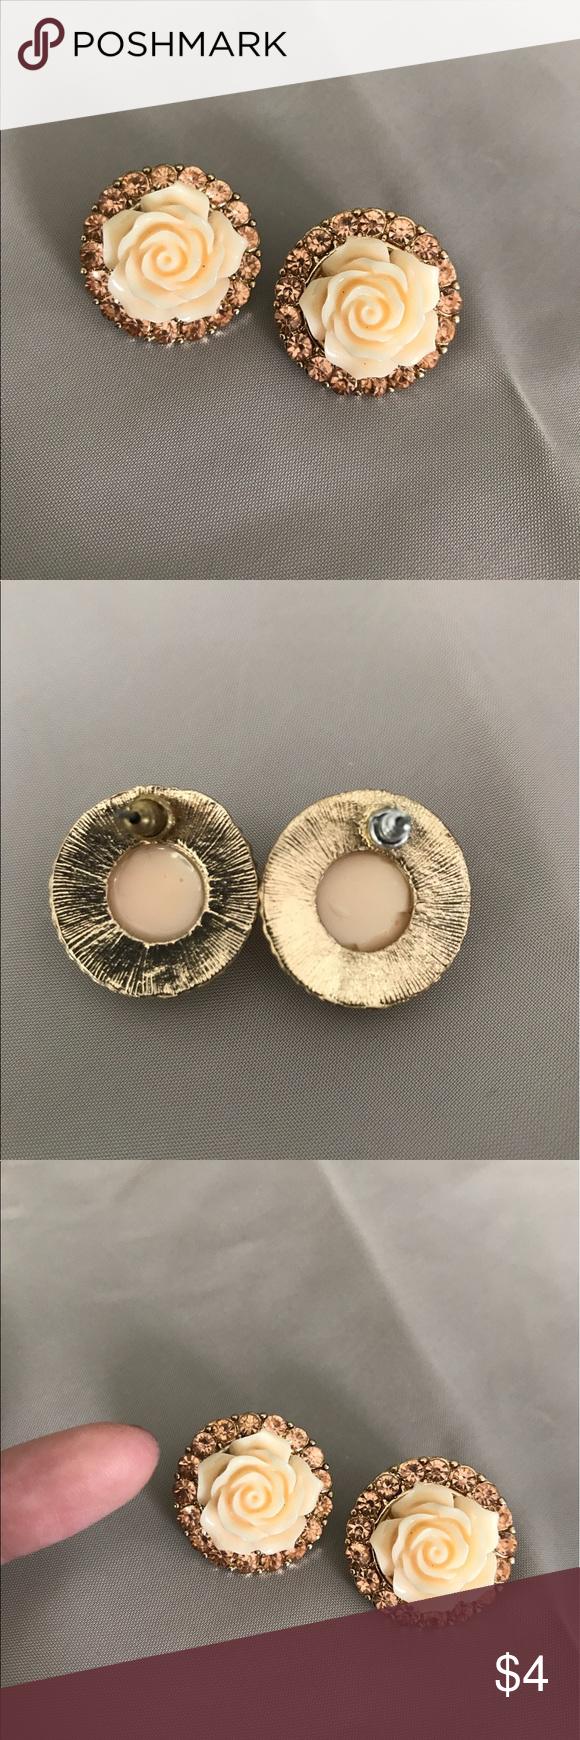 Large Flower Stud Earrings statement earrings Charlotte Russe Jewelry Earrings